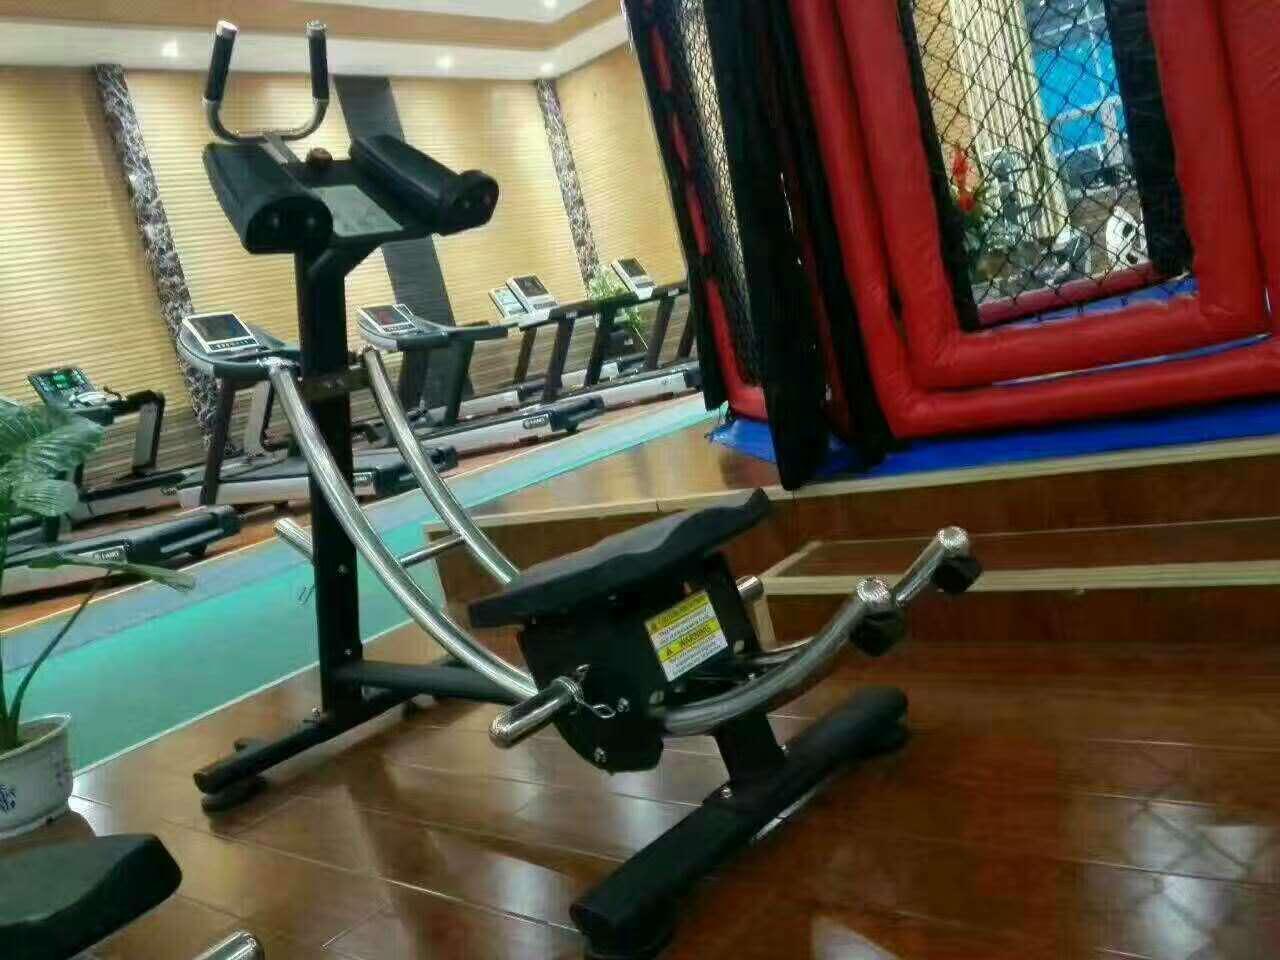 健腹機練習器 健身器材廠家 美腰機練習器 3